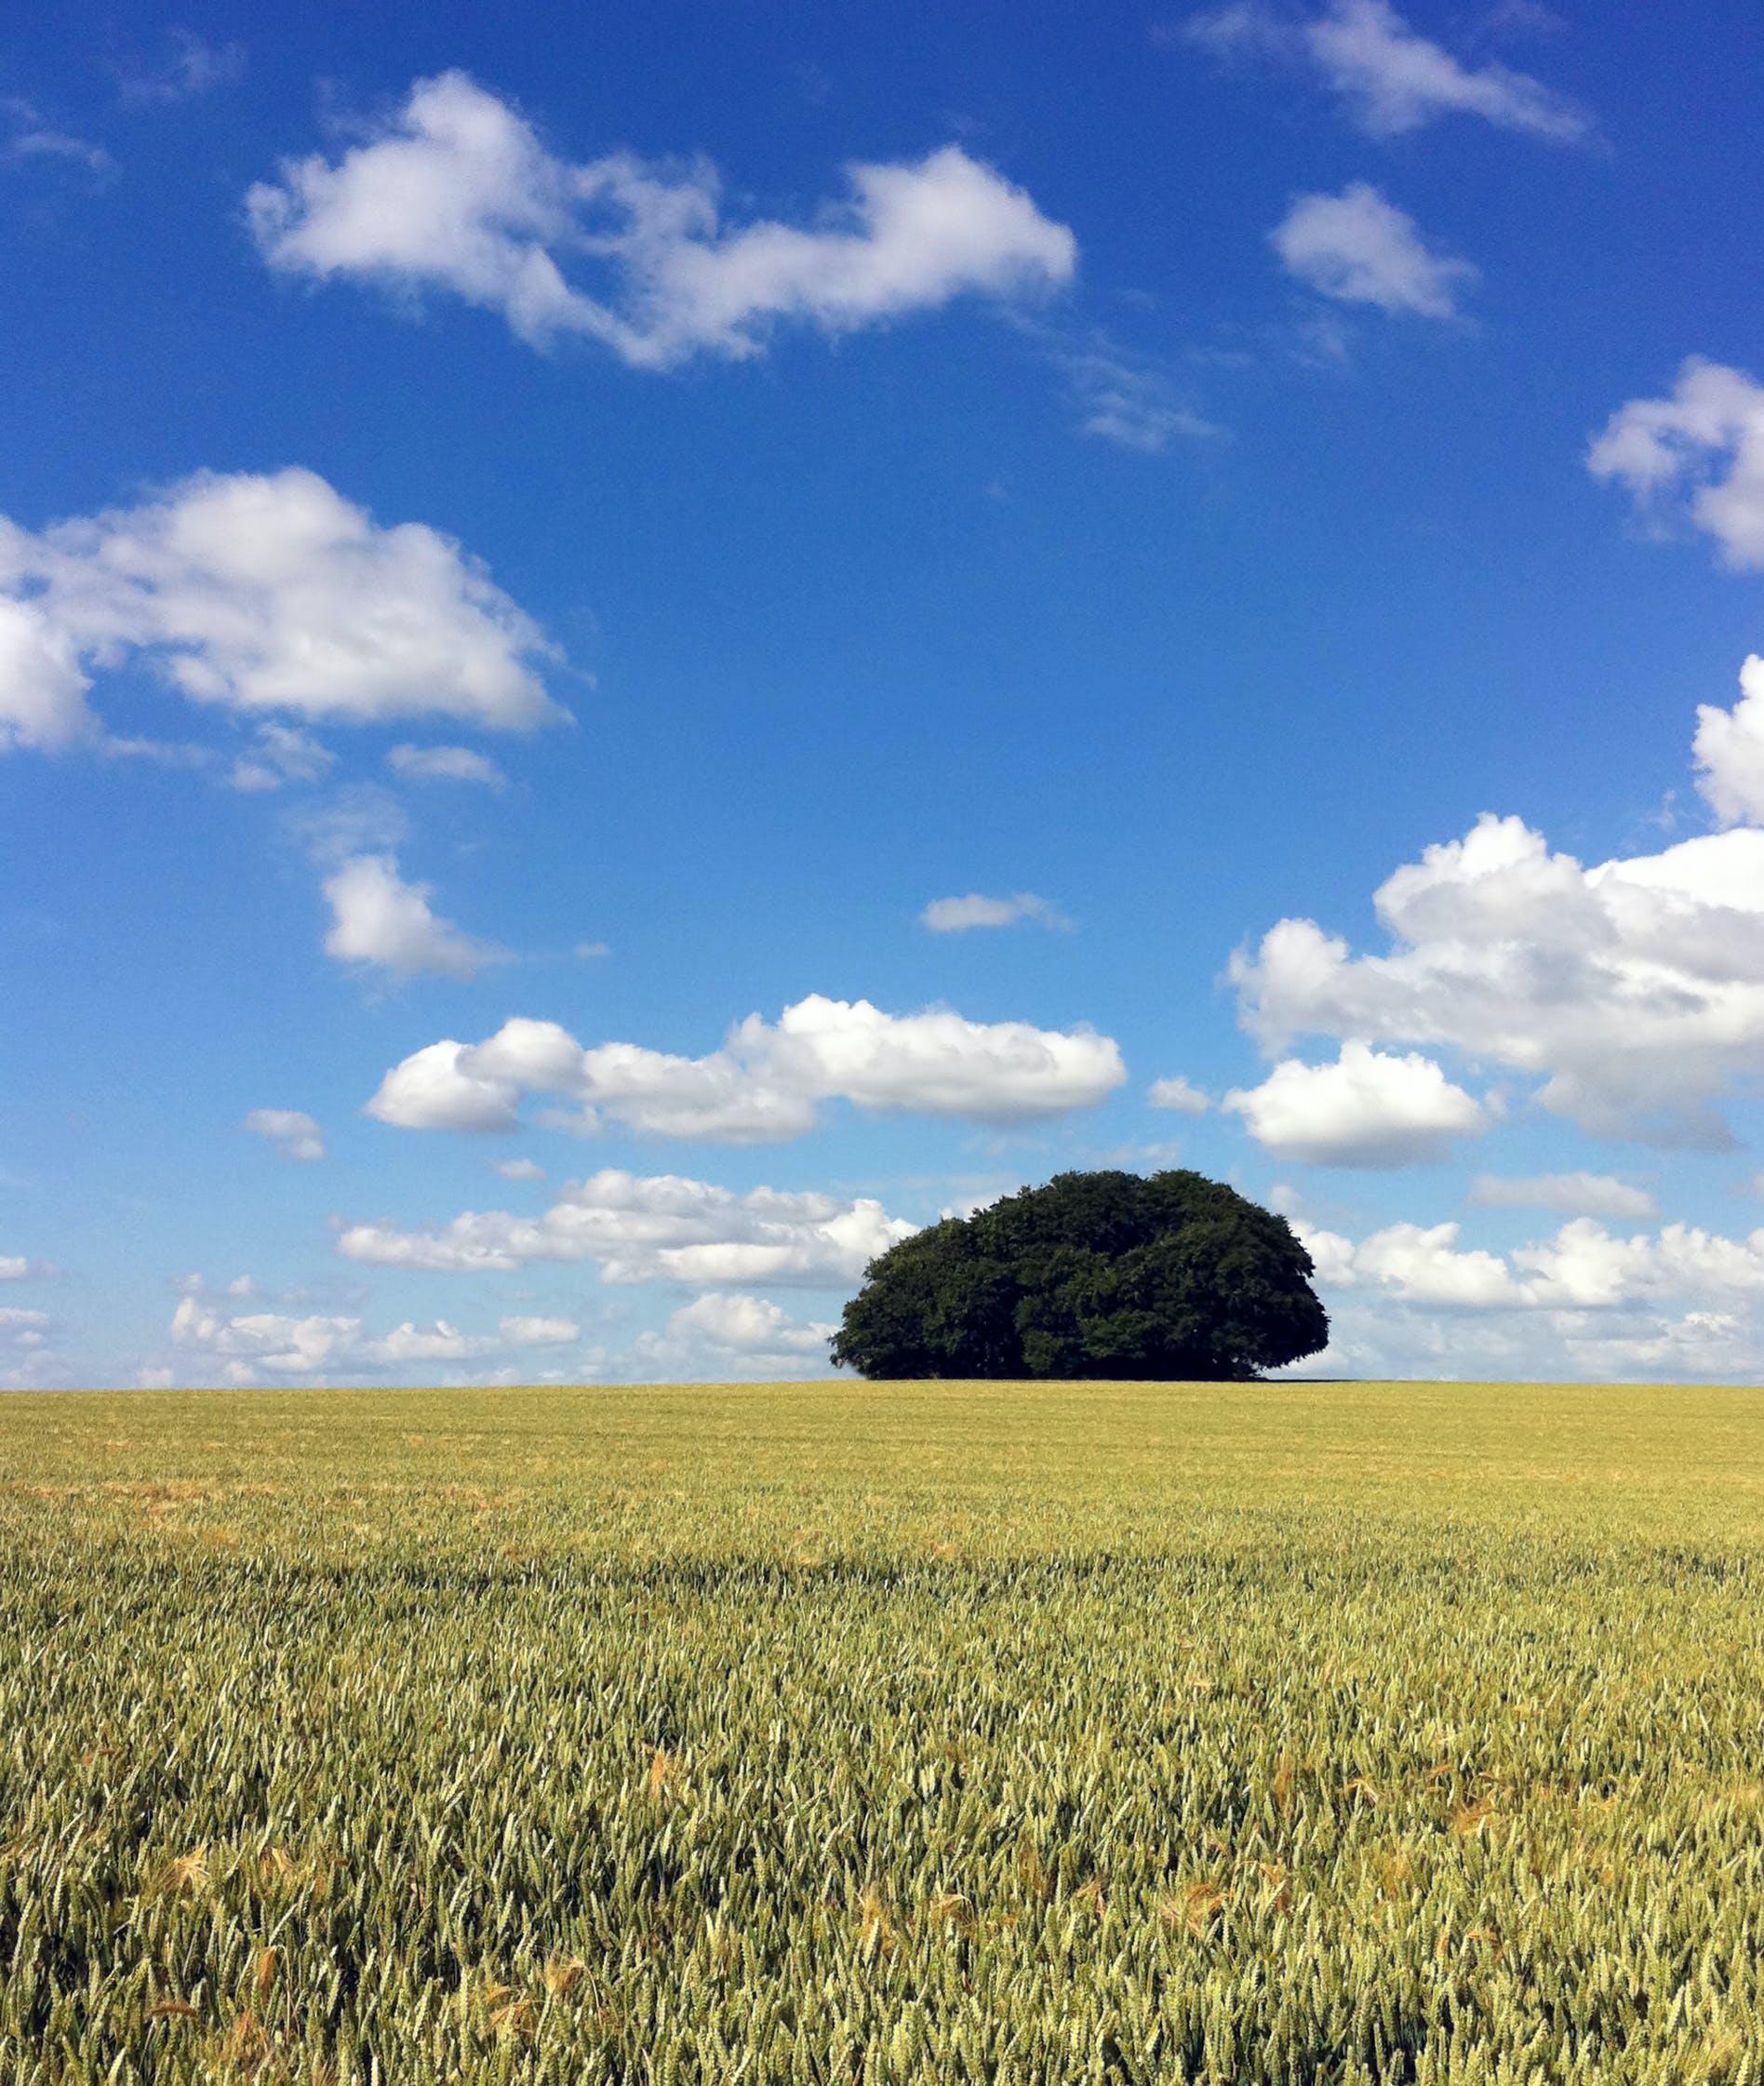 Δωρεάν στοκ φωτογραφιών με αγρόκτημα, γαλάζιος ουρανός, γήπεδο, δέντρο